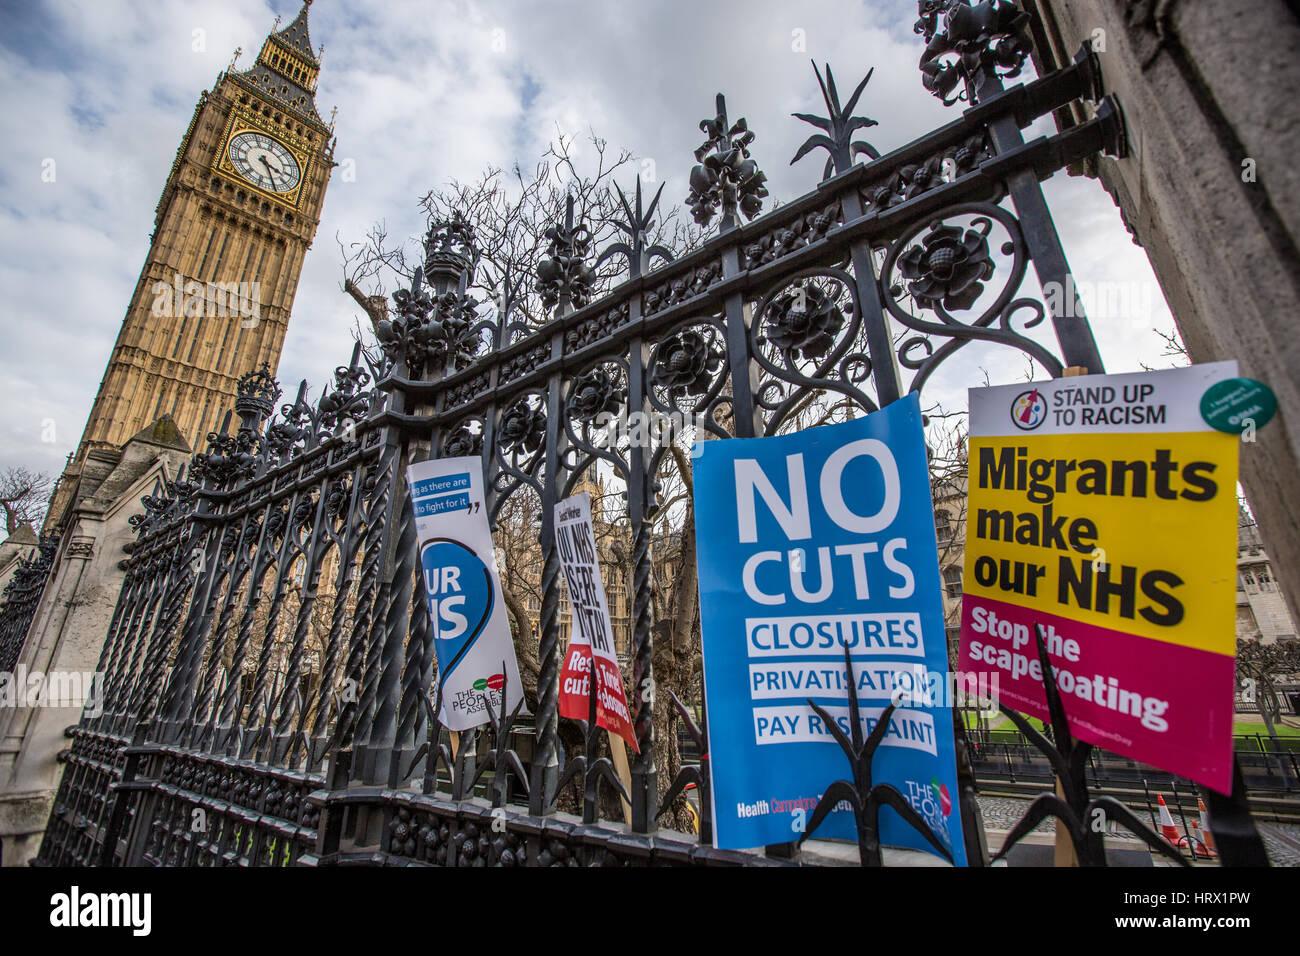 Londra, Regno Unito. 4 Marzo, 2017. Cartelli a sinistra sulla ringhiera al di fuori del Parlamento dopo migliaia Immagini Stock